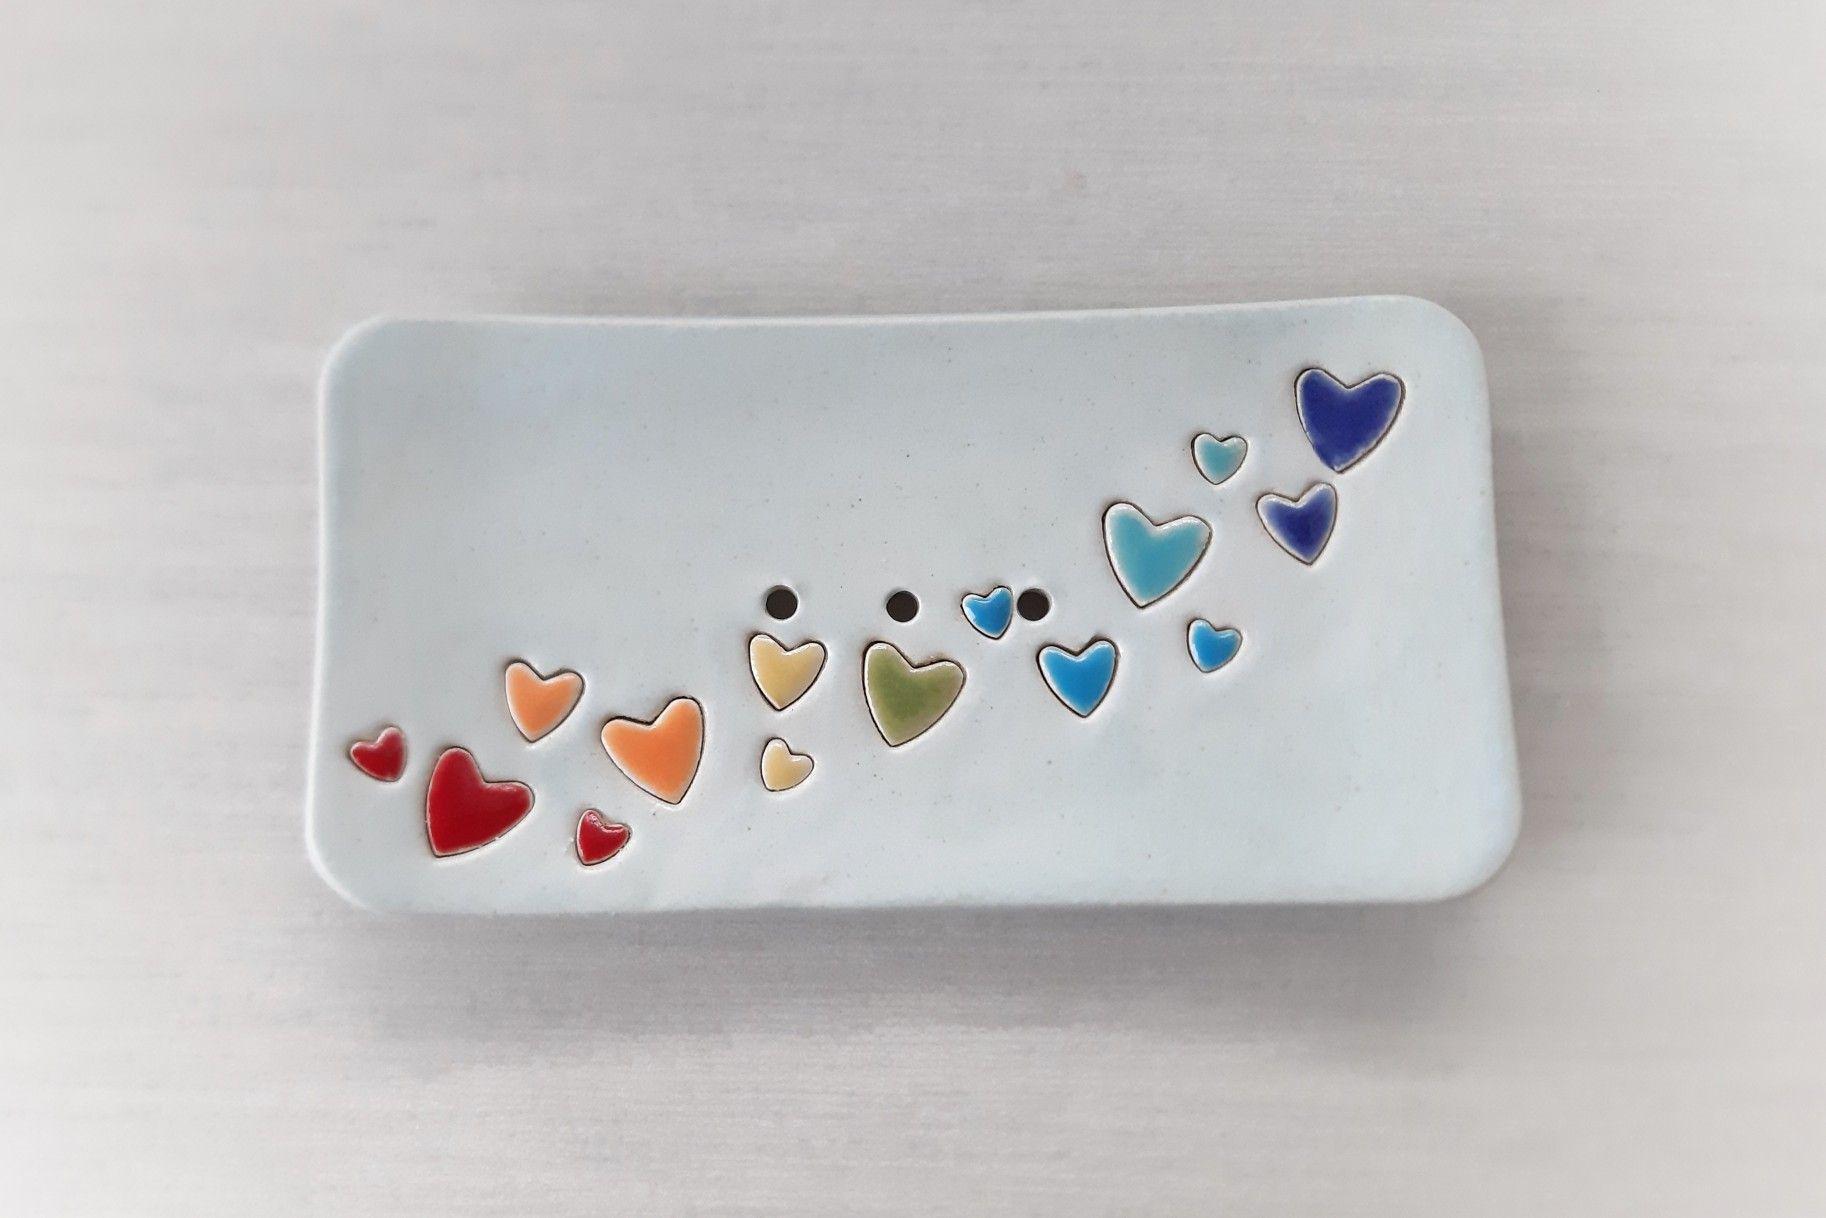 Keramik Seifenschale Regenbogenherzen für einen lieben Menschen.